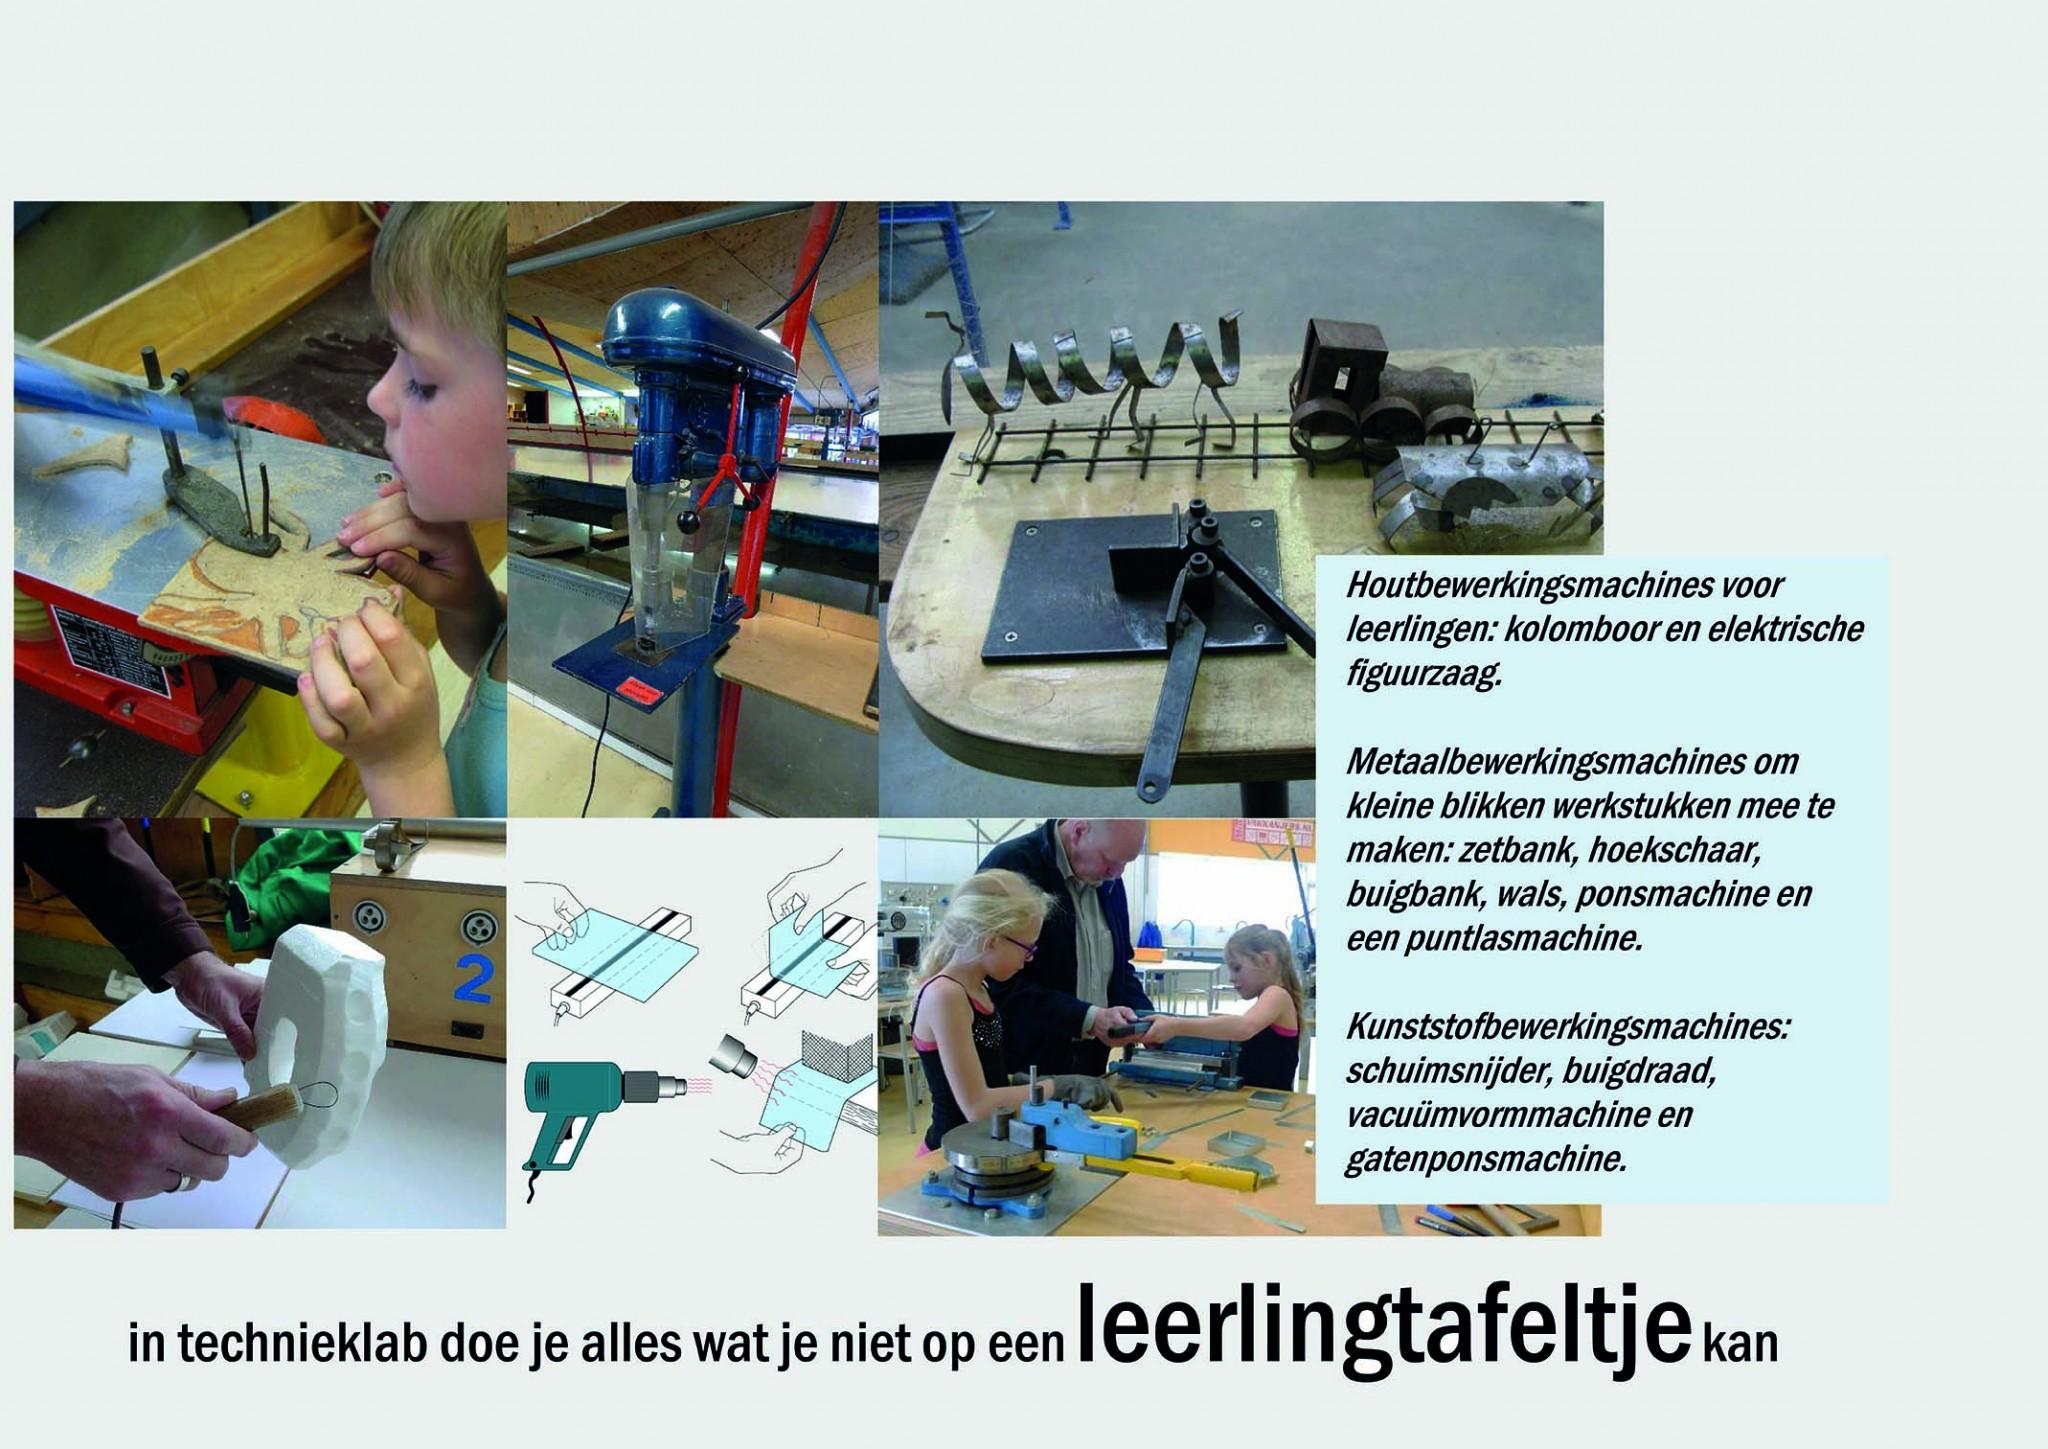 De Ontwerpwerkplaats, Gijs Niemeijer, Floor van Ditzhuyzen, Technieklab, technieklab, glundertechniek, techniekonderwijs, W&T onderwijs, wetenschap- & techniekonderwijs, maakonderwijs, techniekpact, Huub looze, technieklab, glundertechniek, techniekonderwijs, W&T onderwijs, wetenschap- & techniekonderwijs, maakonderwijs, techniekpact, makereducation, blauwdruk pilot technieklab